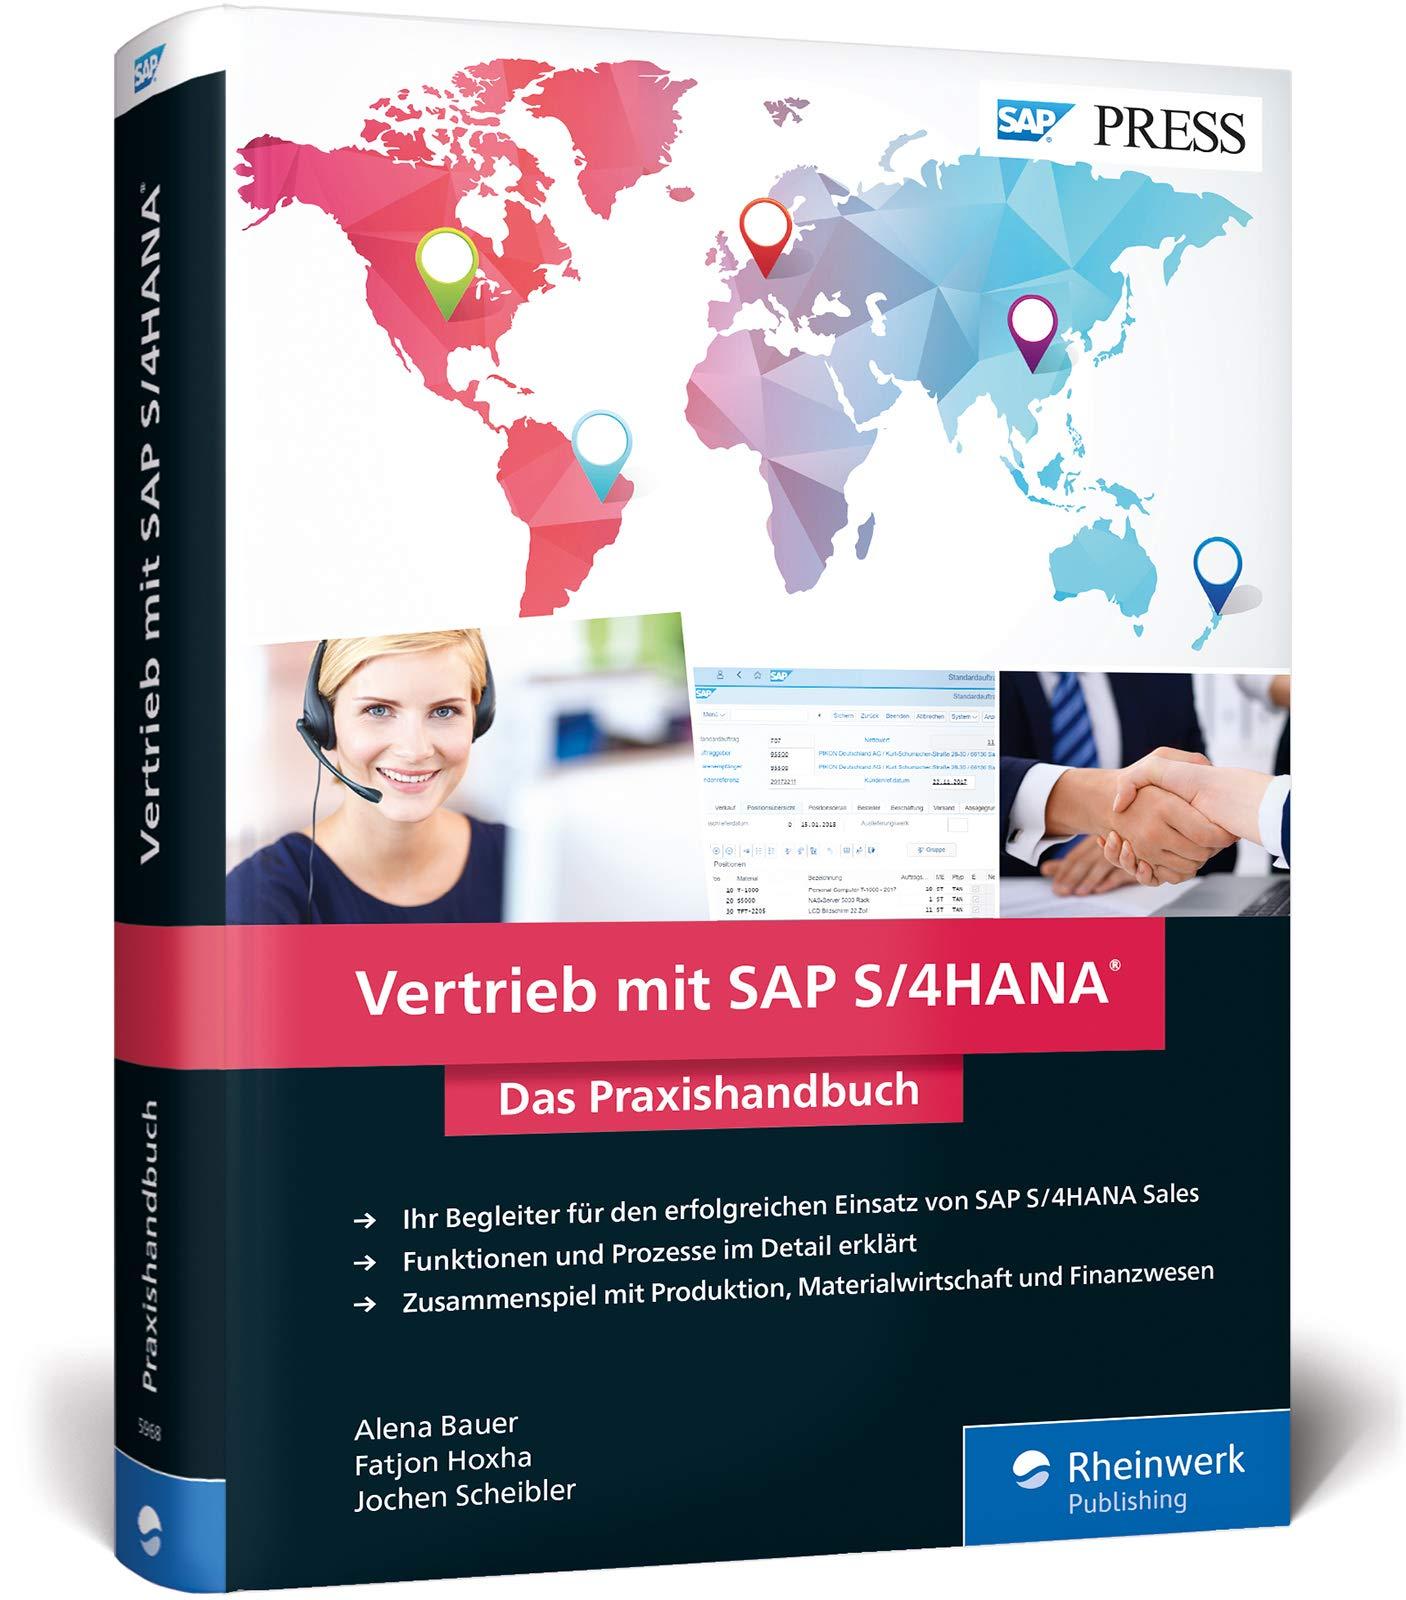 Vertrieb mit SAP S/4HANA: Ihr praktischer Ratgeber zu SAP S/4HANA Sales, Nachfolger von SAP SD (SAP PRESS)